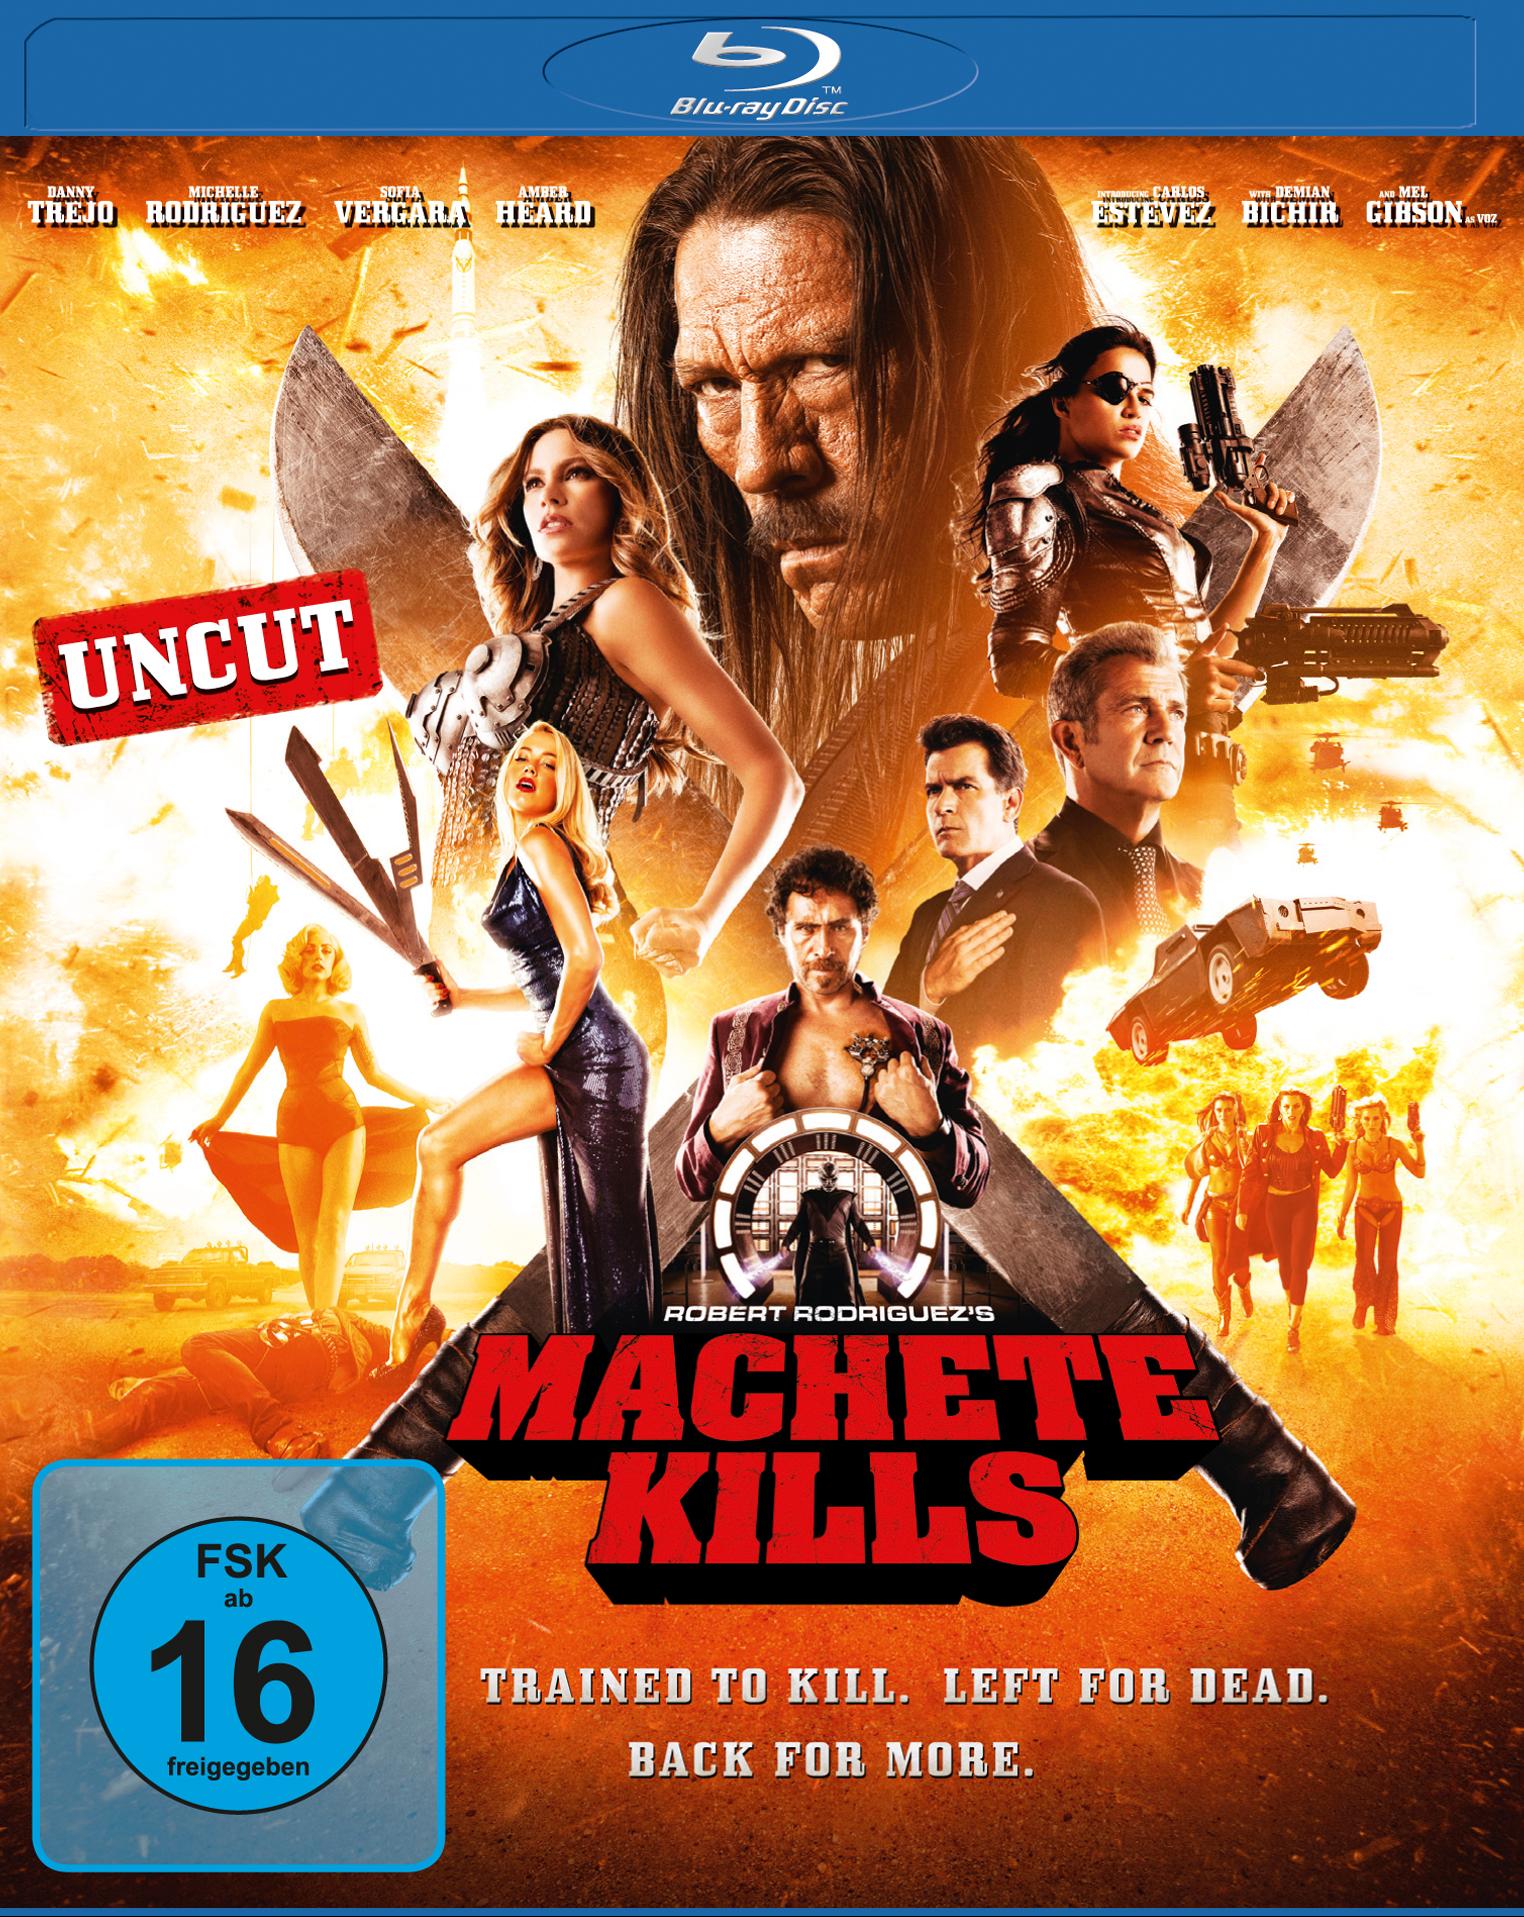 Machete_Kills_uncut_BD_Bluray_887654173195_2D